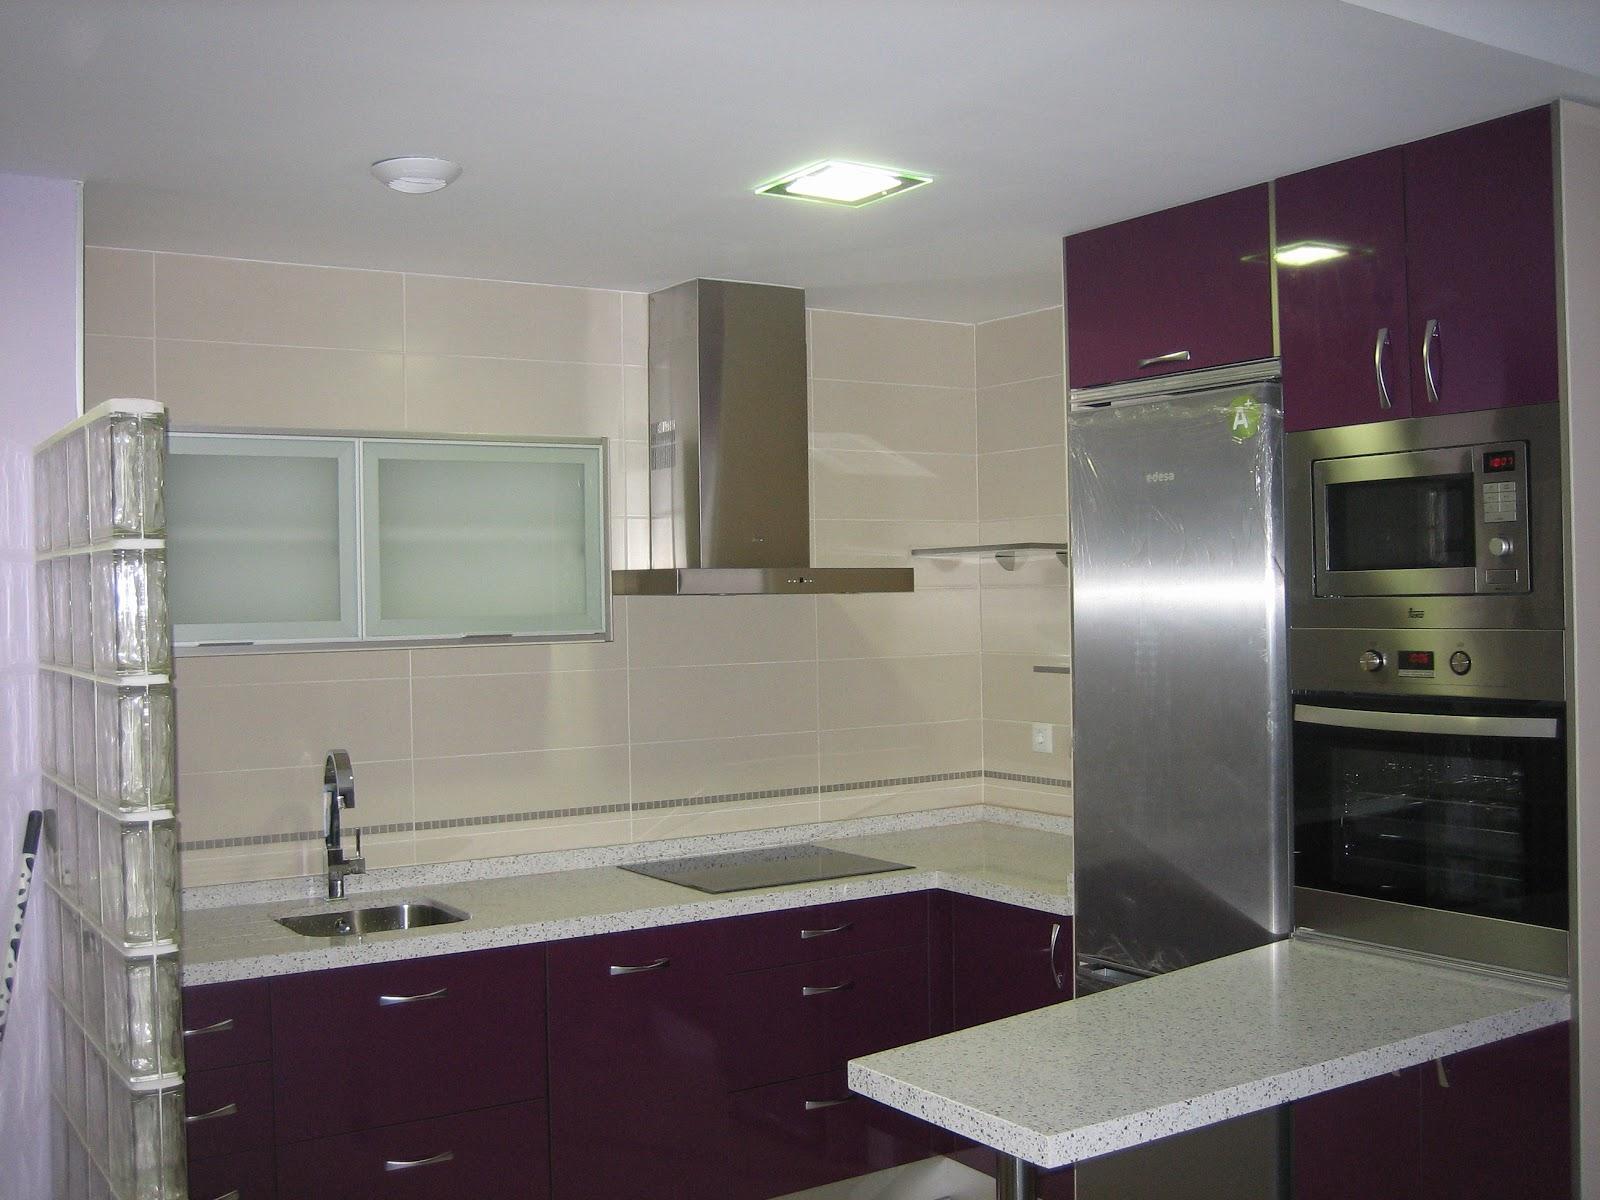 Cocinas baratas a precio de f brica cocina en alto brillo for Cocinas precios fabrica